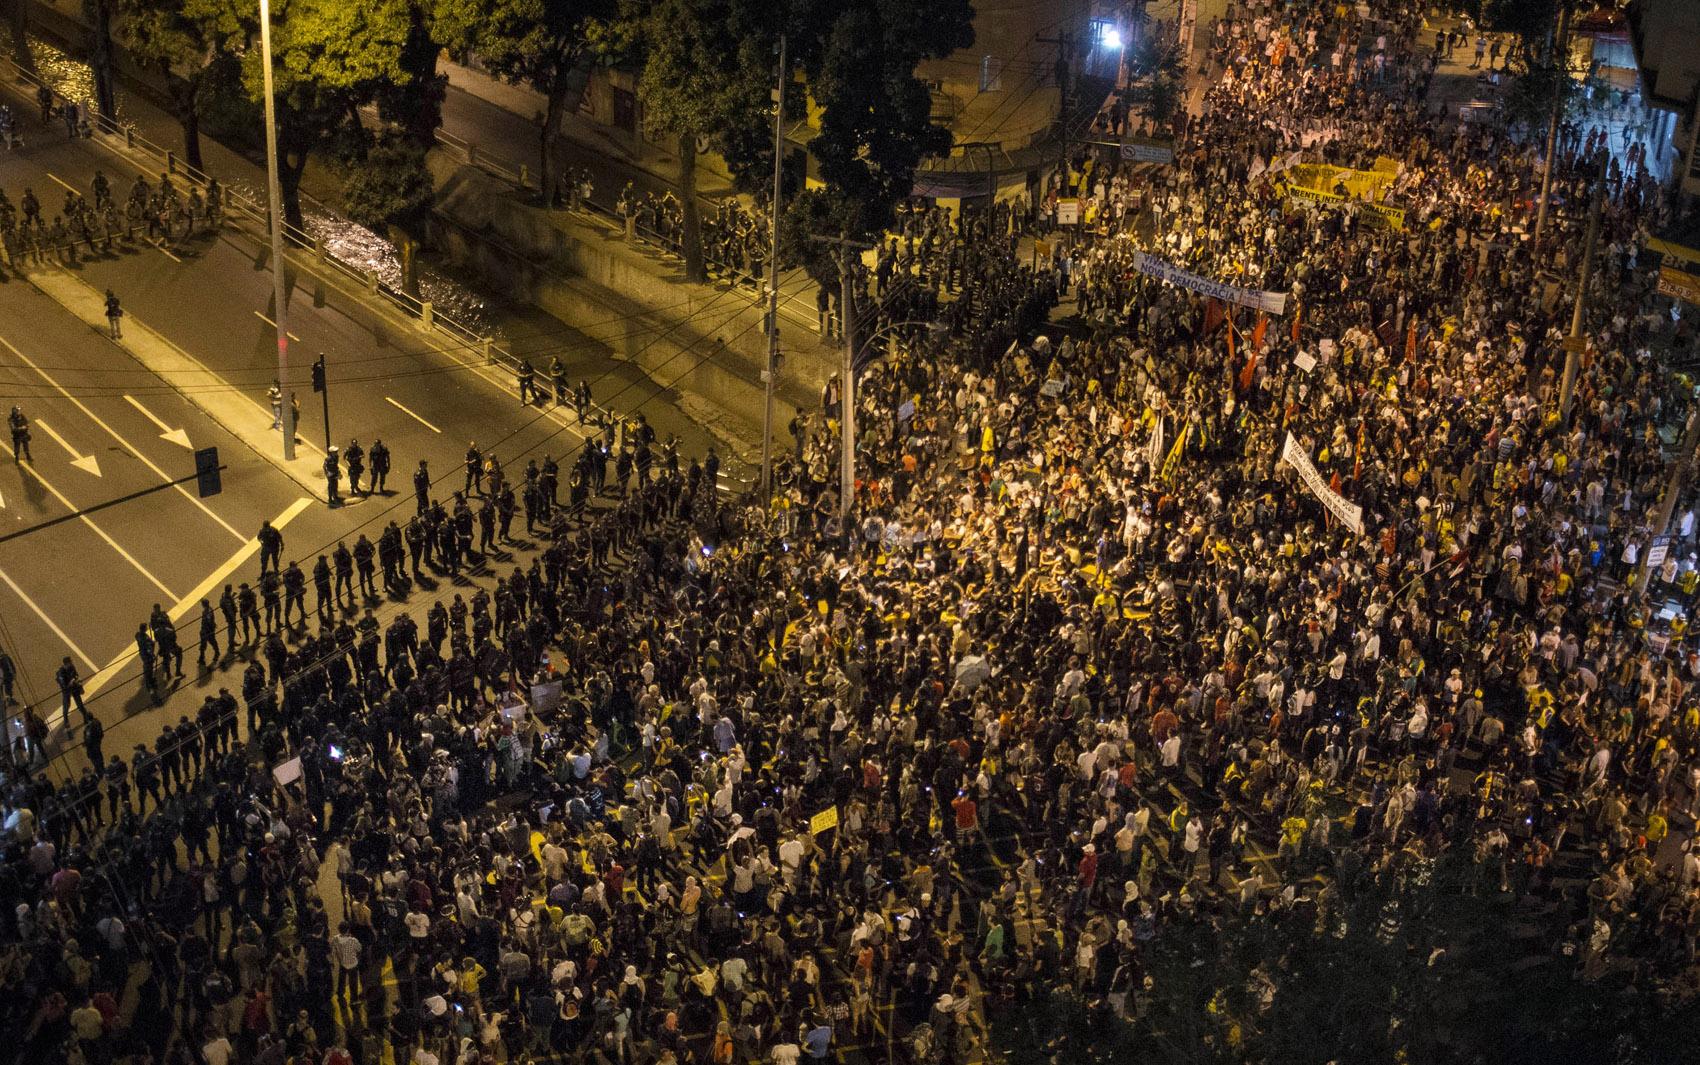 Manifestantes param no bloqueio da polícia